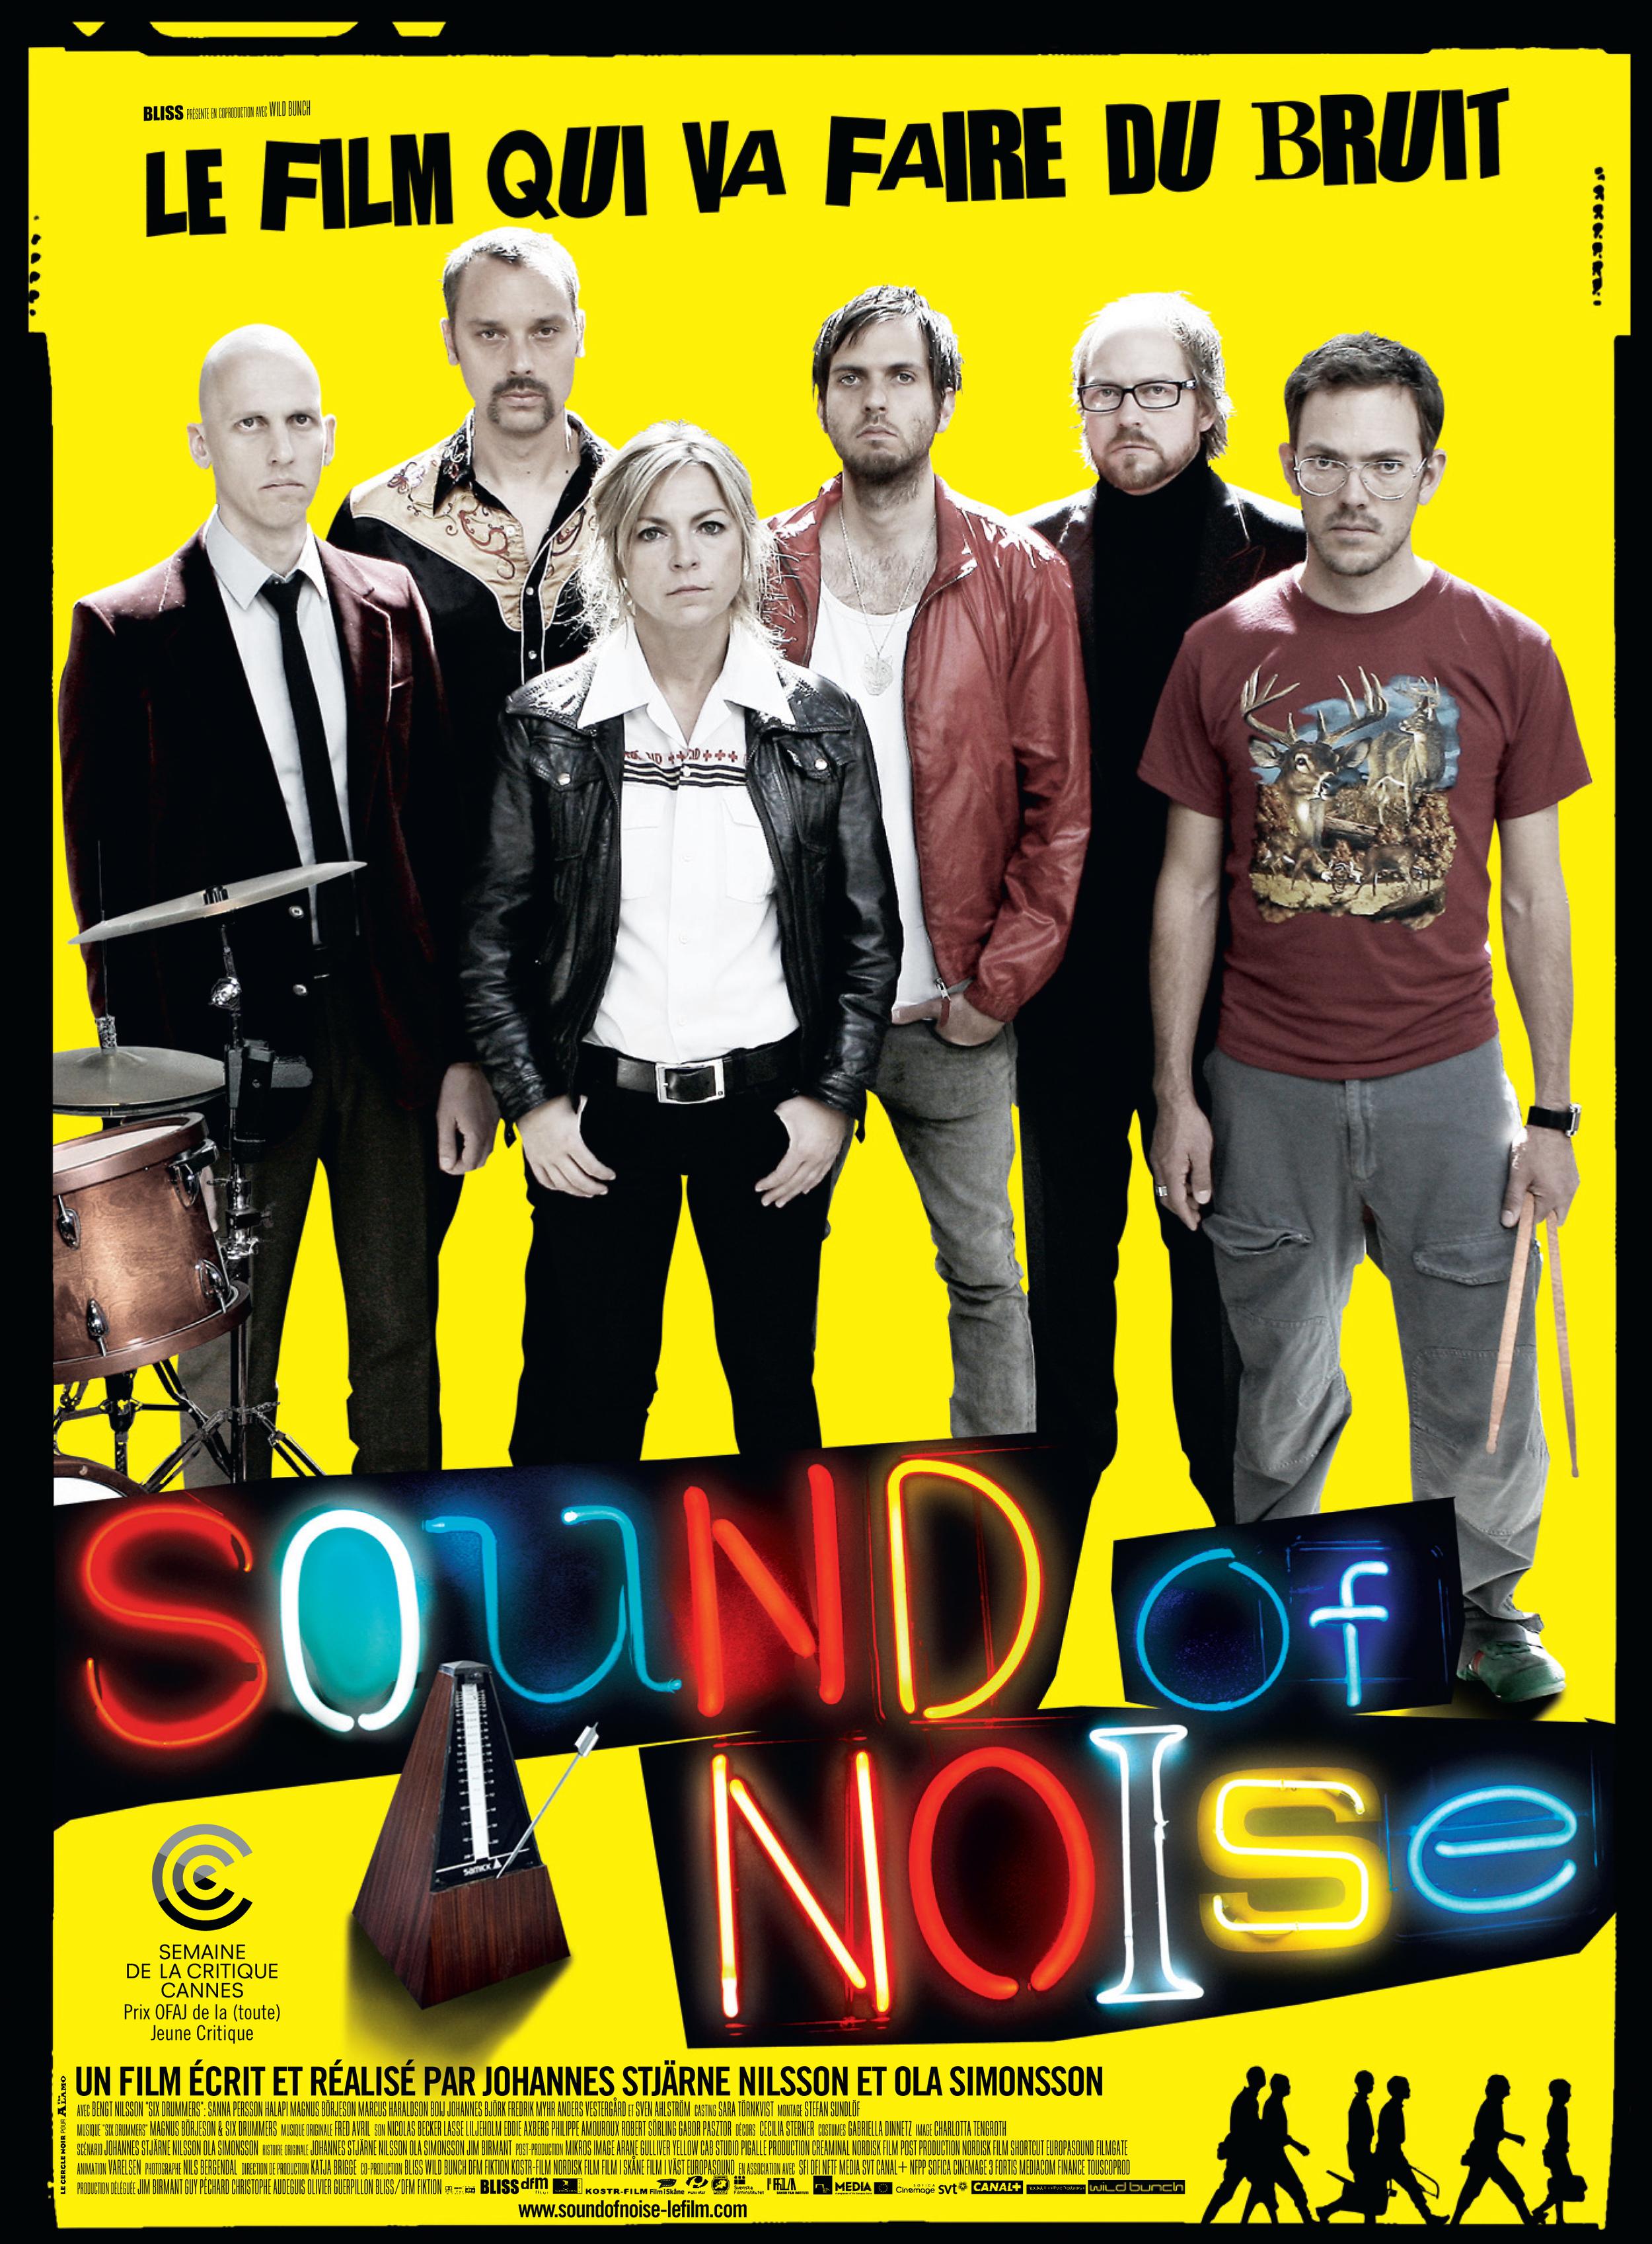 SOUND OF NOISE France.jpg